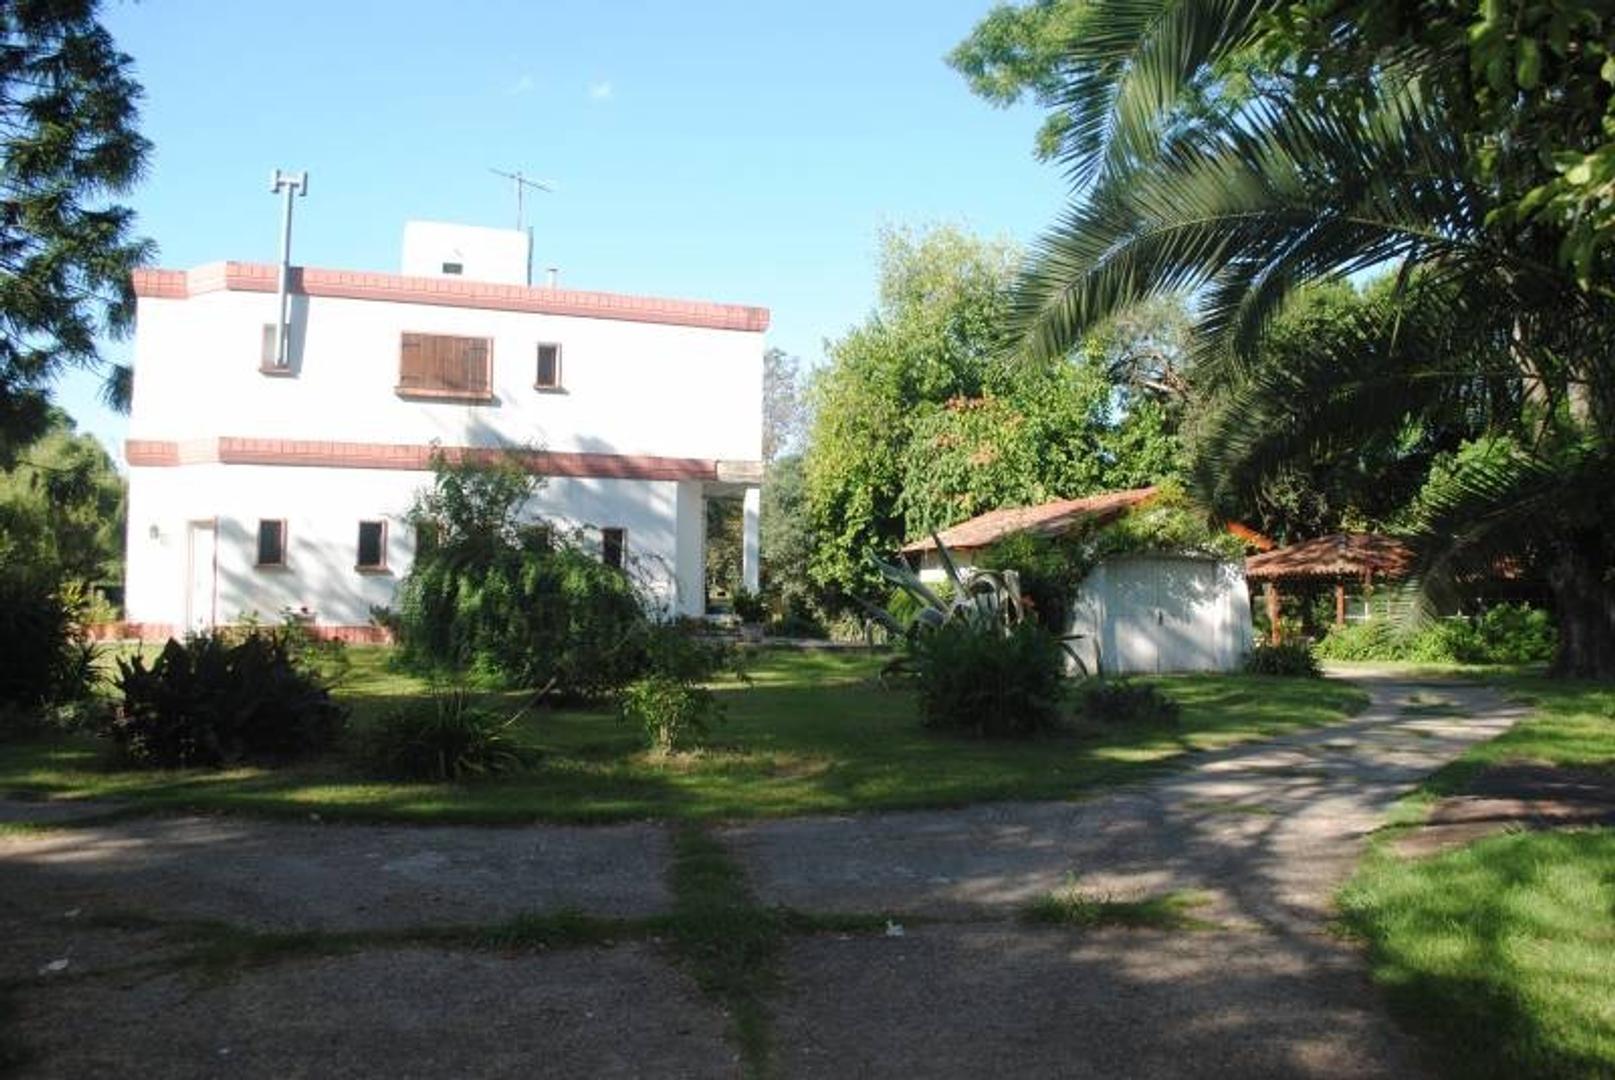 Quinta - 400 m² | 6 dormitorios | 4 baños